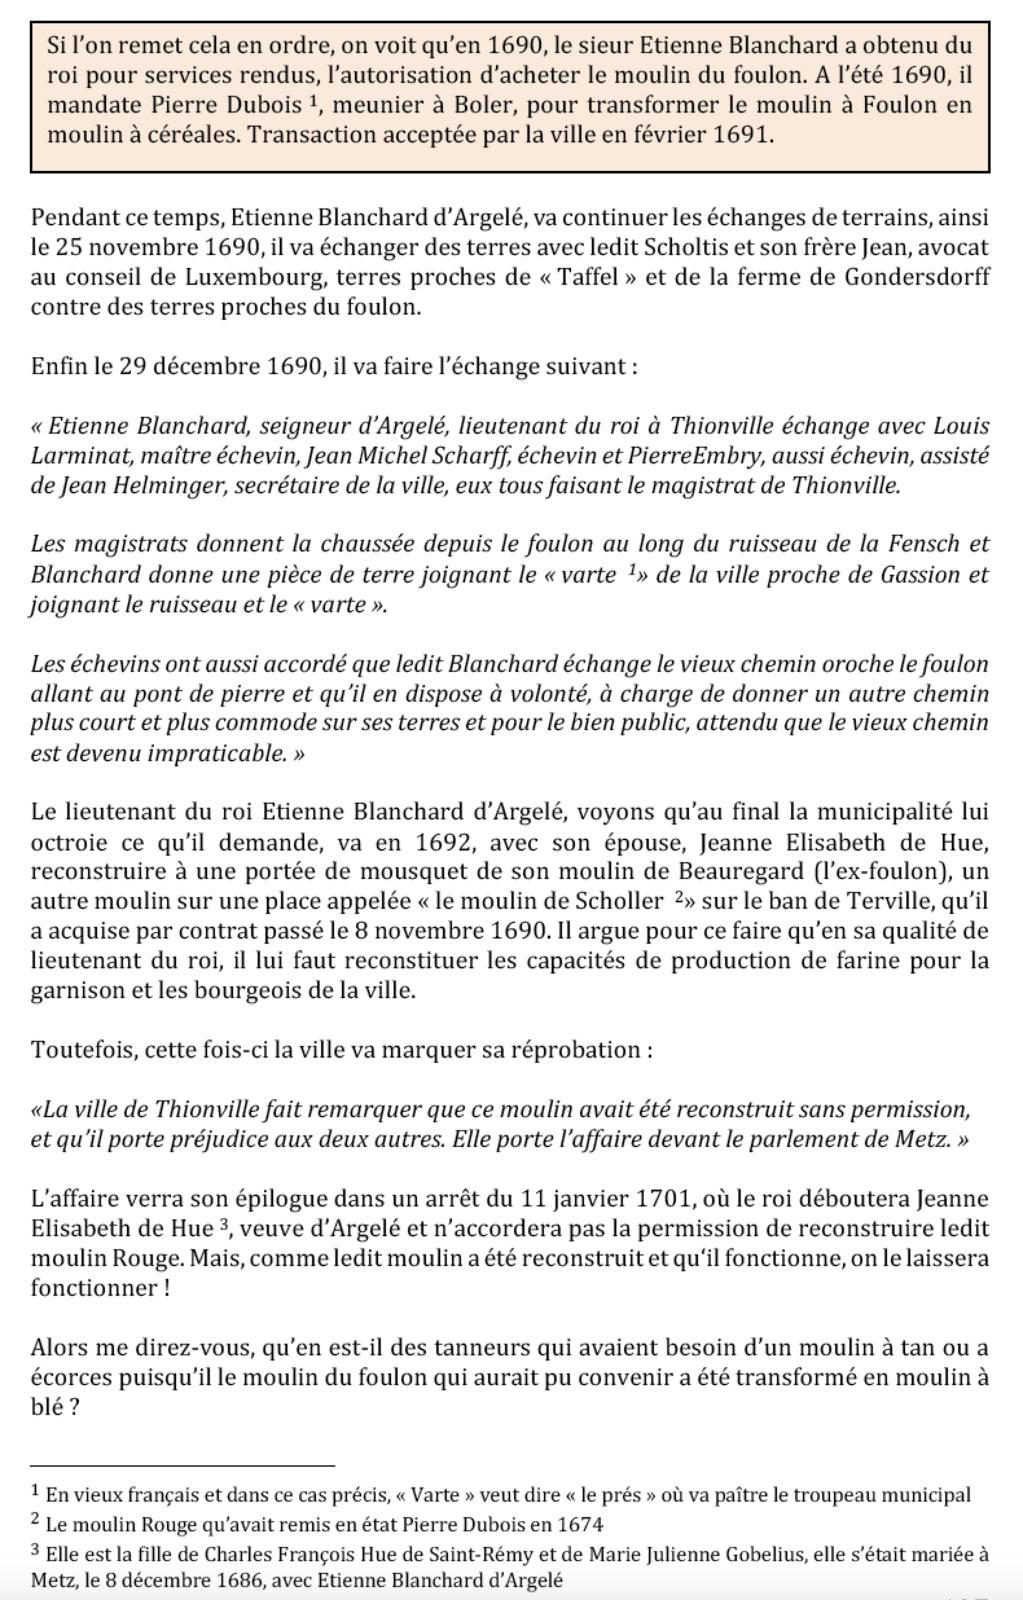 1458-2019 * Vie et mort du moulin de Thionville (suite N° 8 - 17 & 18ème siècle)